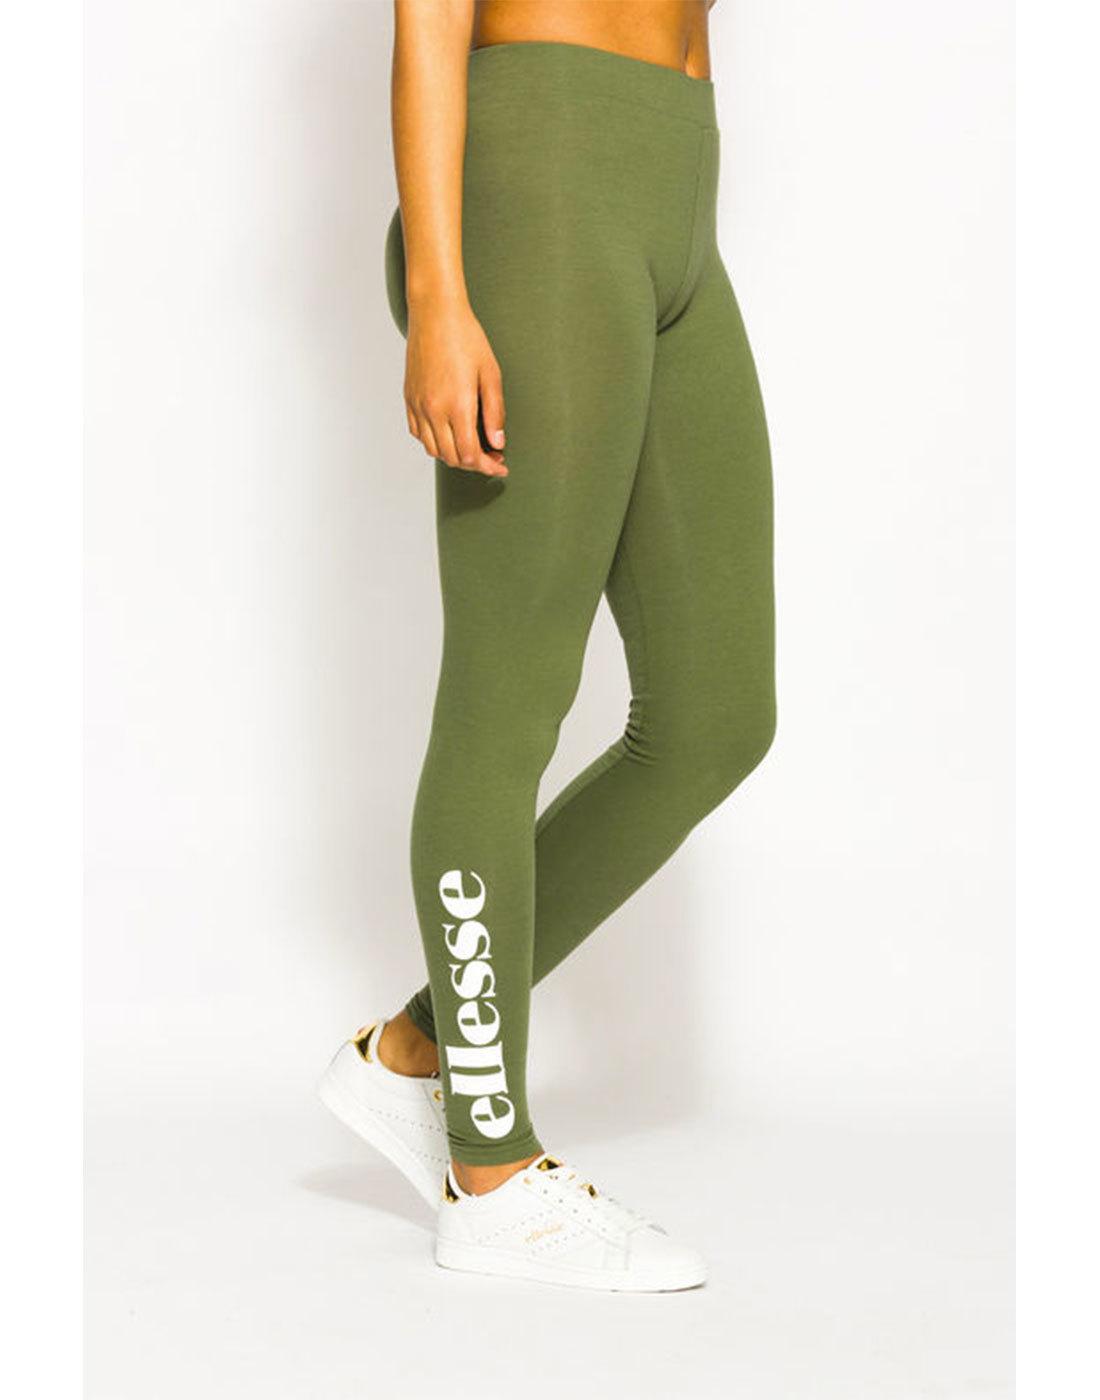 Solos ELLESSE WOMENS Retro 80s Logo Leggings Green